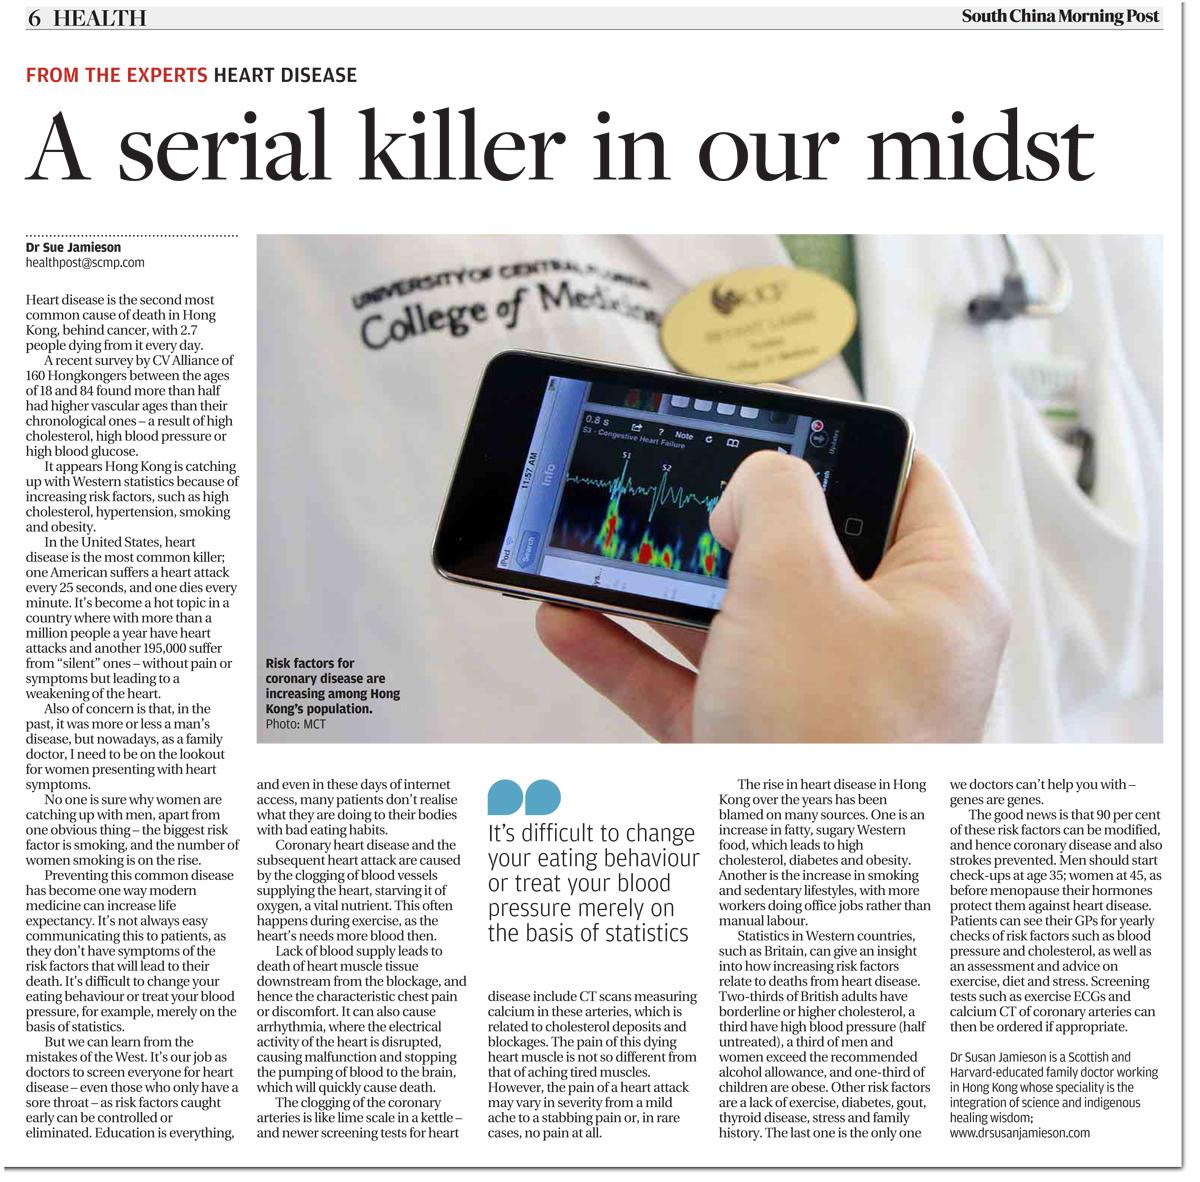 Heart Disease - South China Morning Post